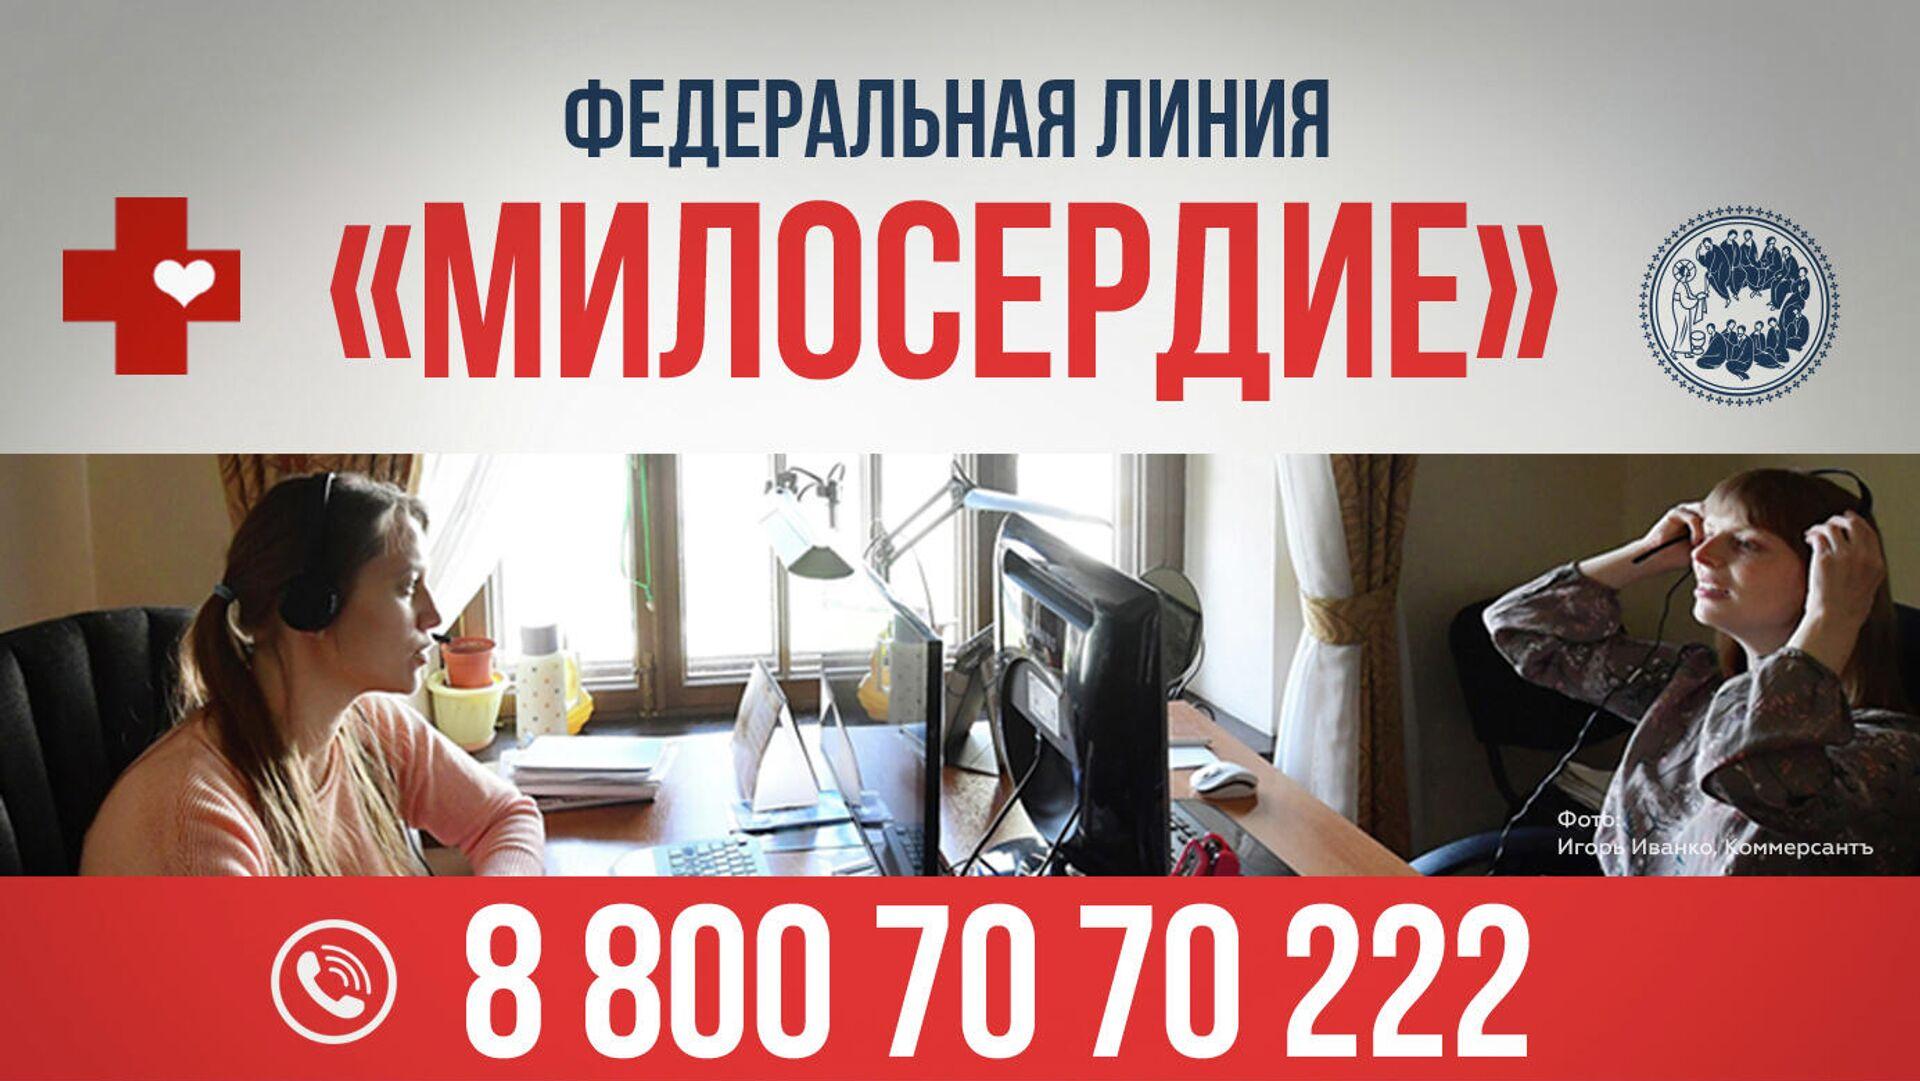 Горячая линия церковной социальной помощи Милосердие - РИА Новости, 1920, 02.02.2021